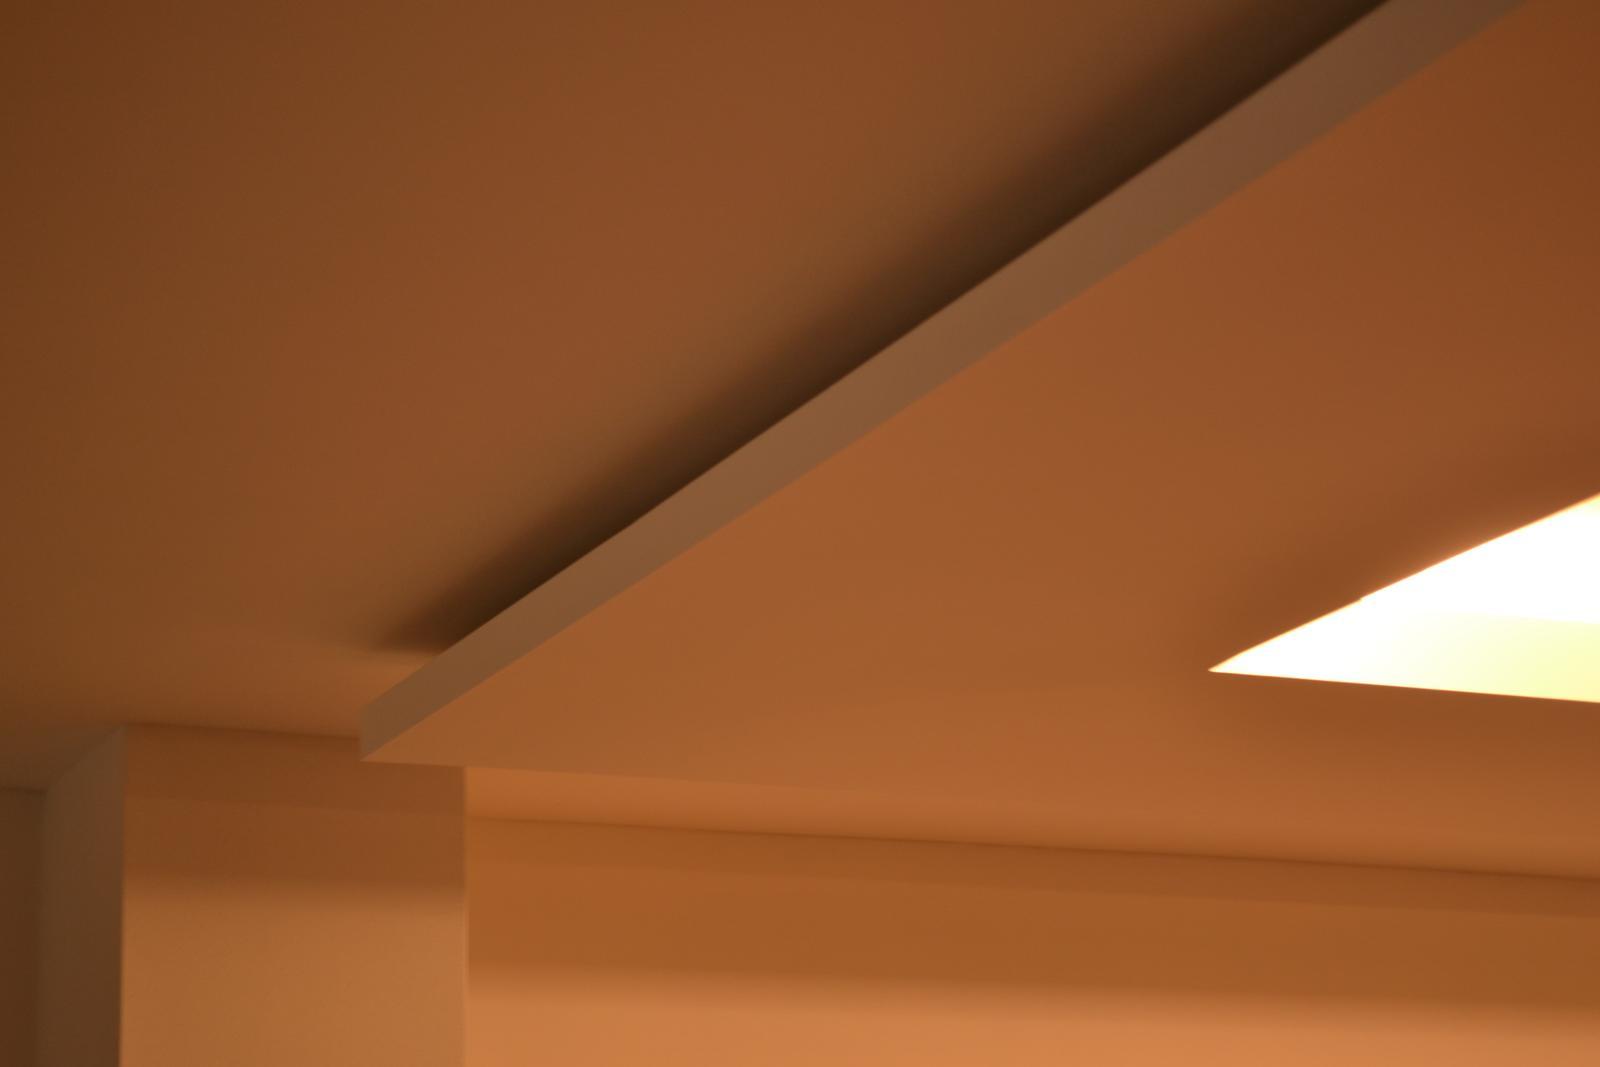 Dekoračné sadrokartónové podhľady - Mame radi navstevy z odstupom casu v dokoncenych interieroch :)